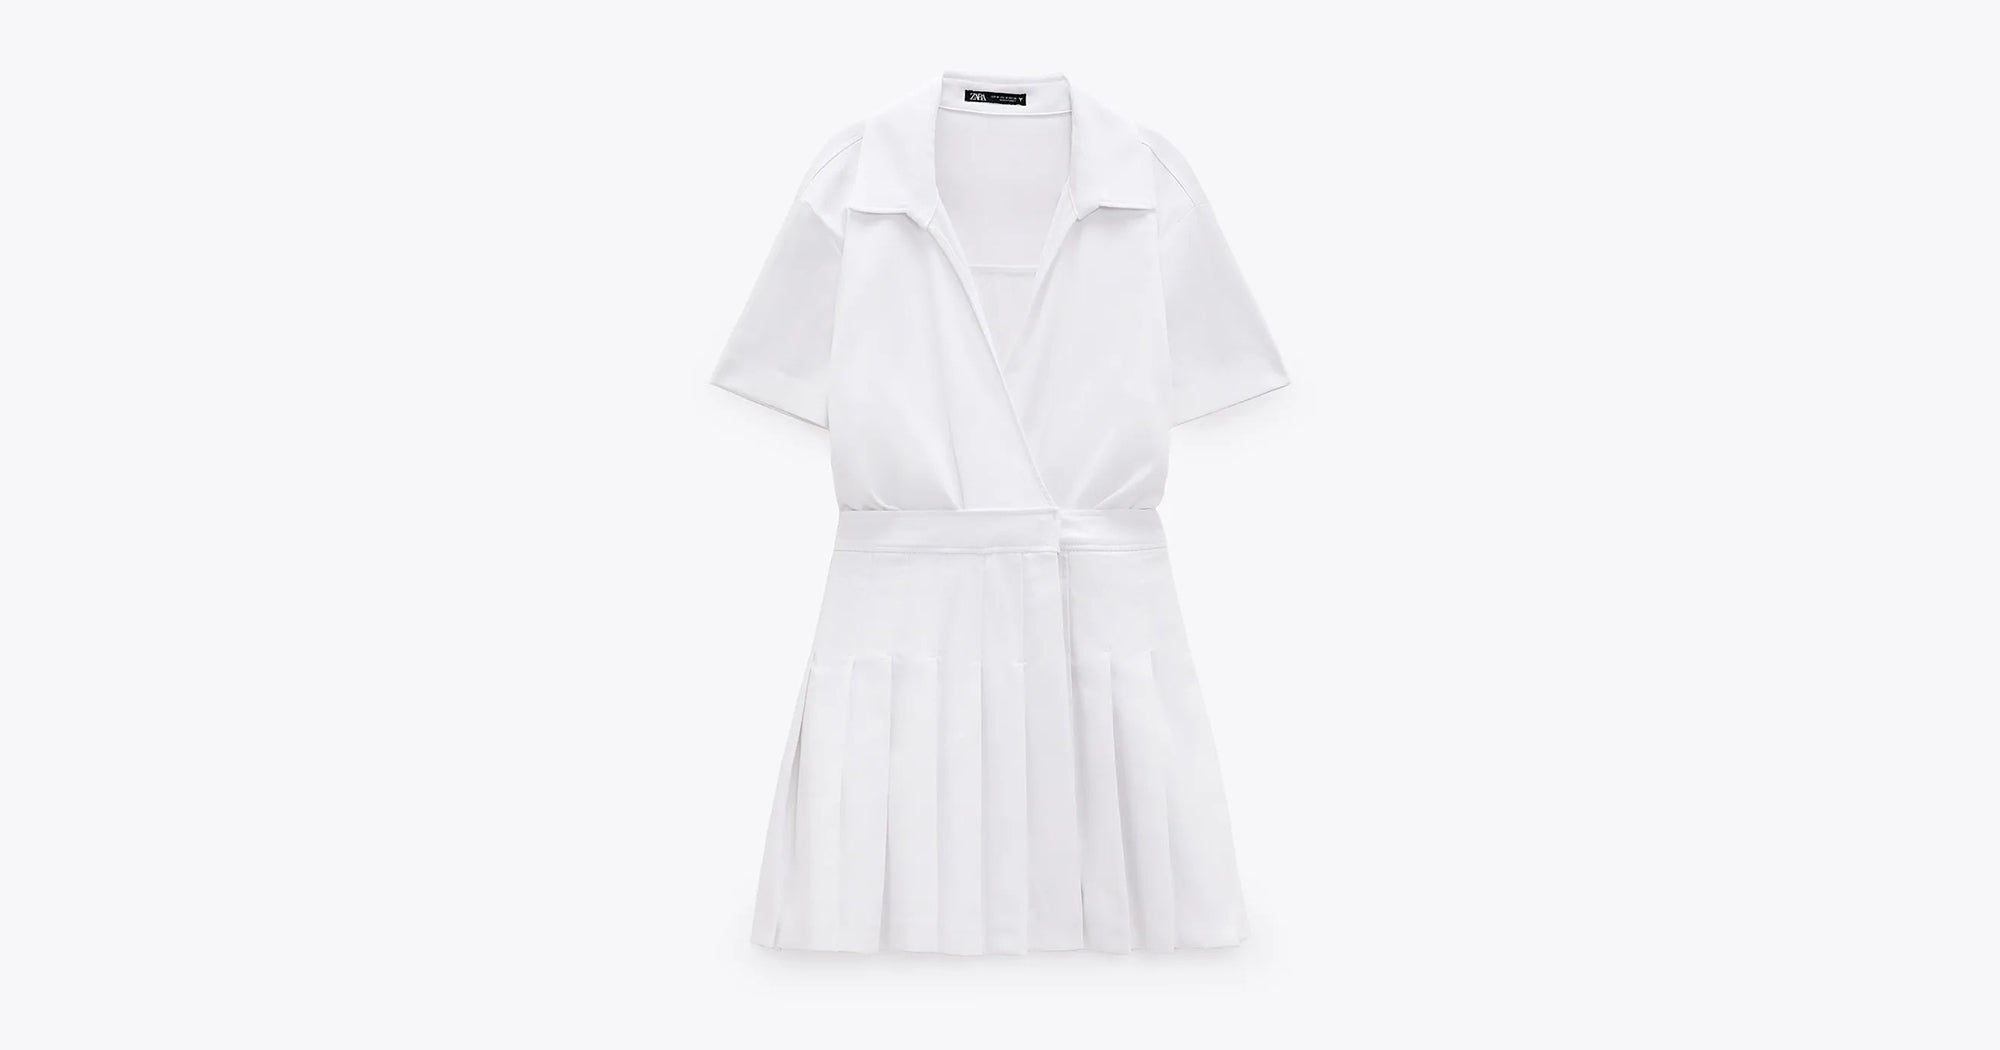 The White Minidress That Took TikTok By Storm